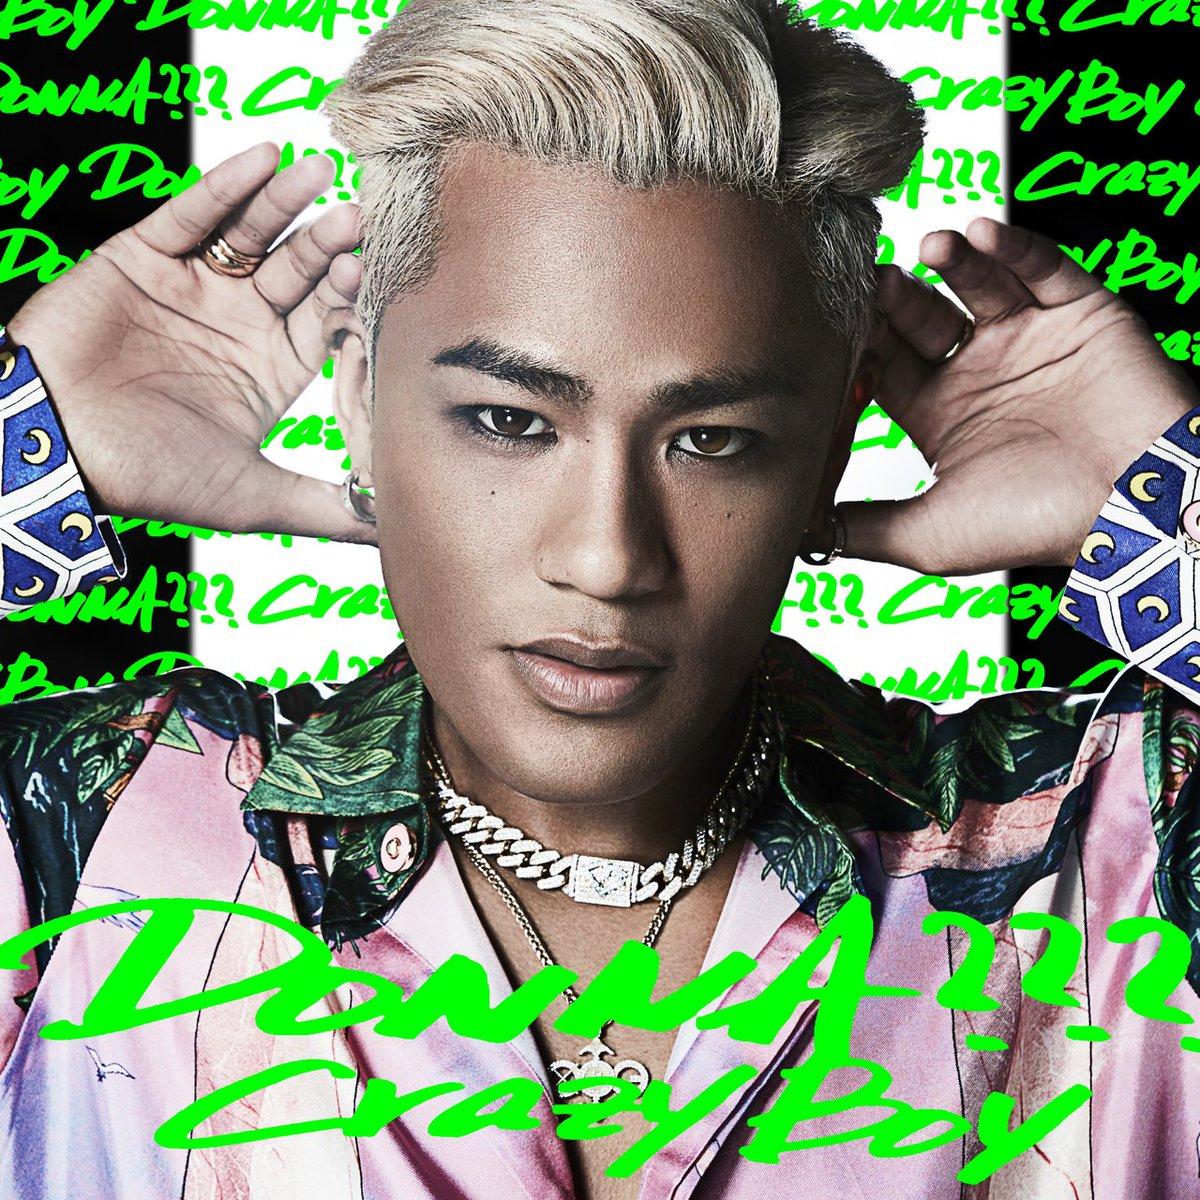 アー写 ジャケ写 解禁‼️11月13日発売 CrazyBoyNew Single「DONNA???」★FC&モバイル特典オリジナルB2ポスター予約受付中⬇︎⬇︎